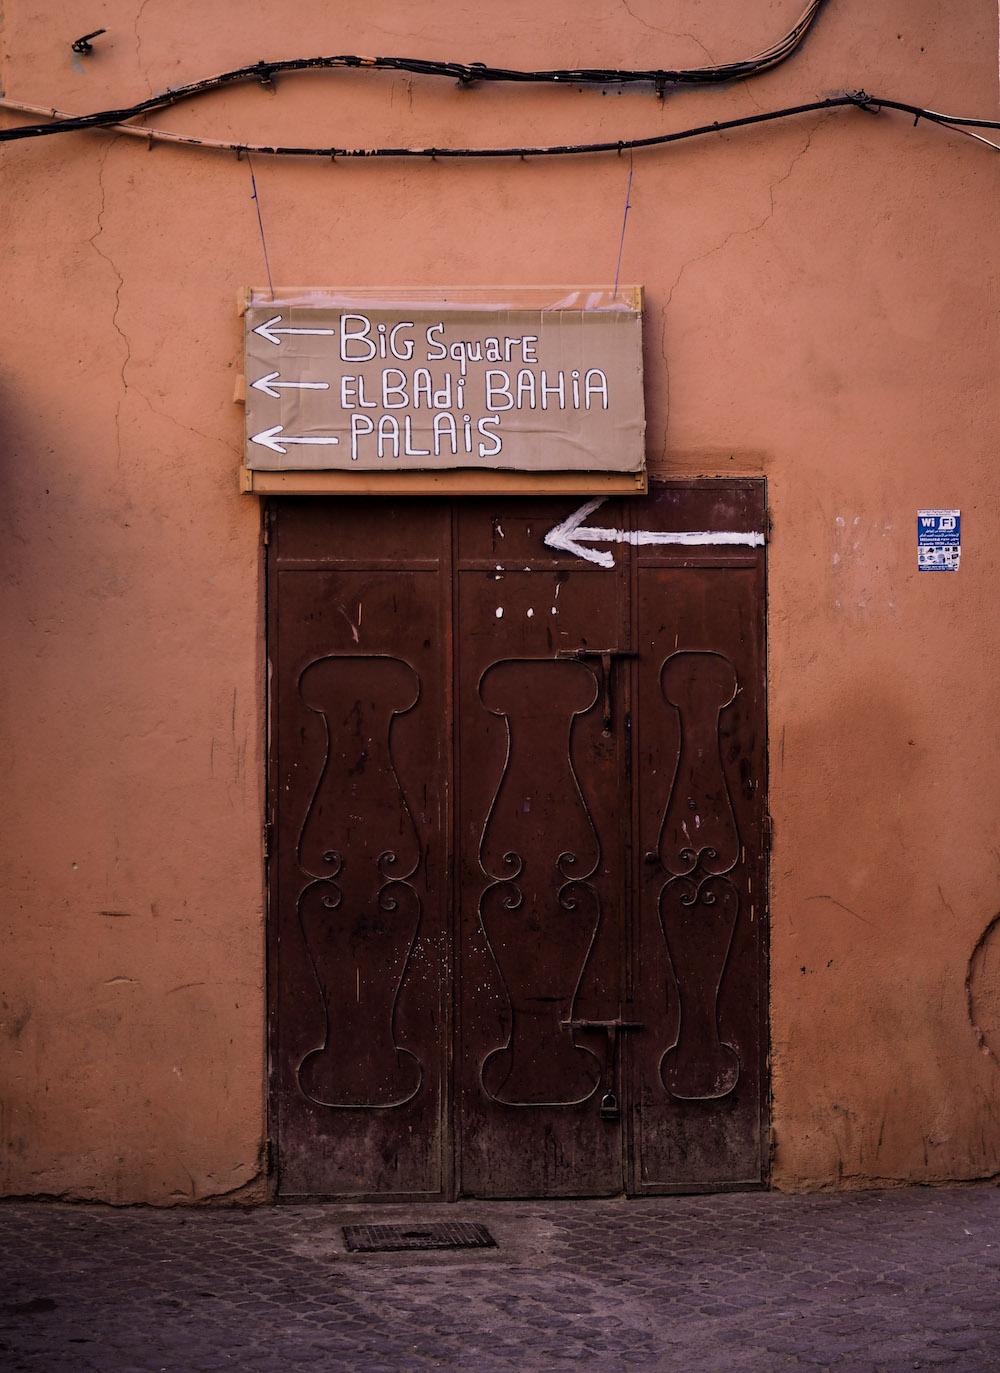 Long Weekend in Marrakech